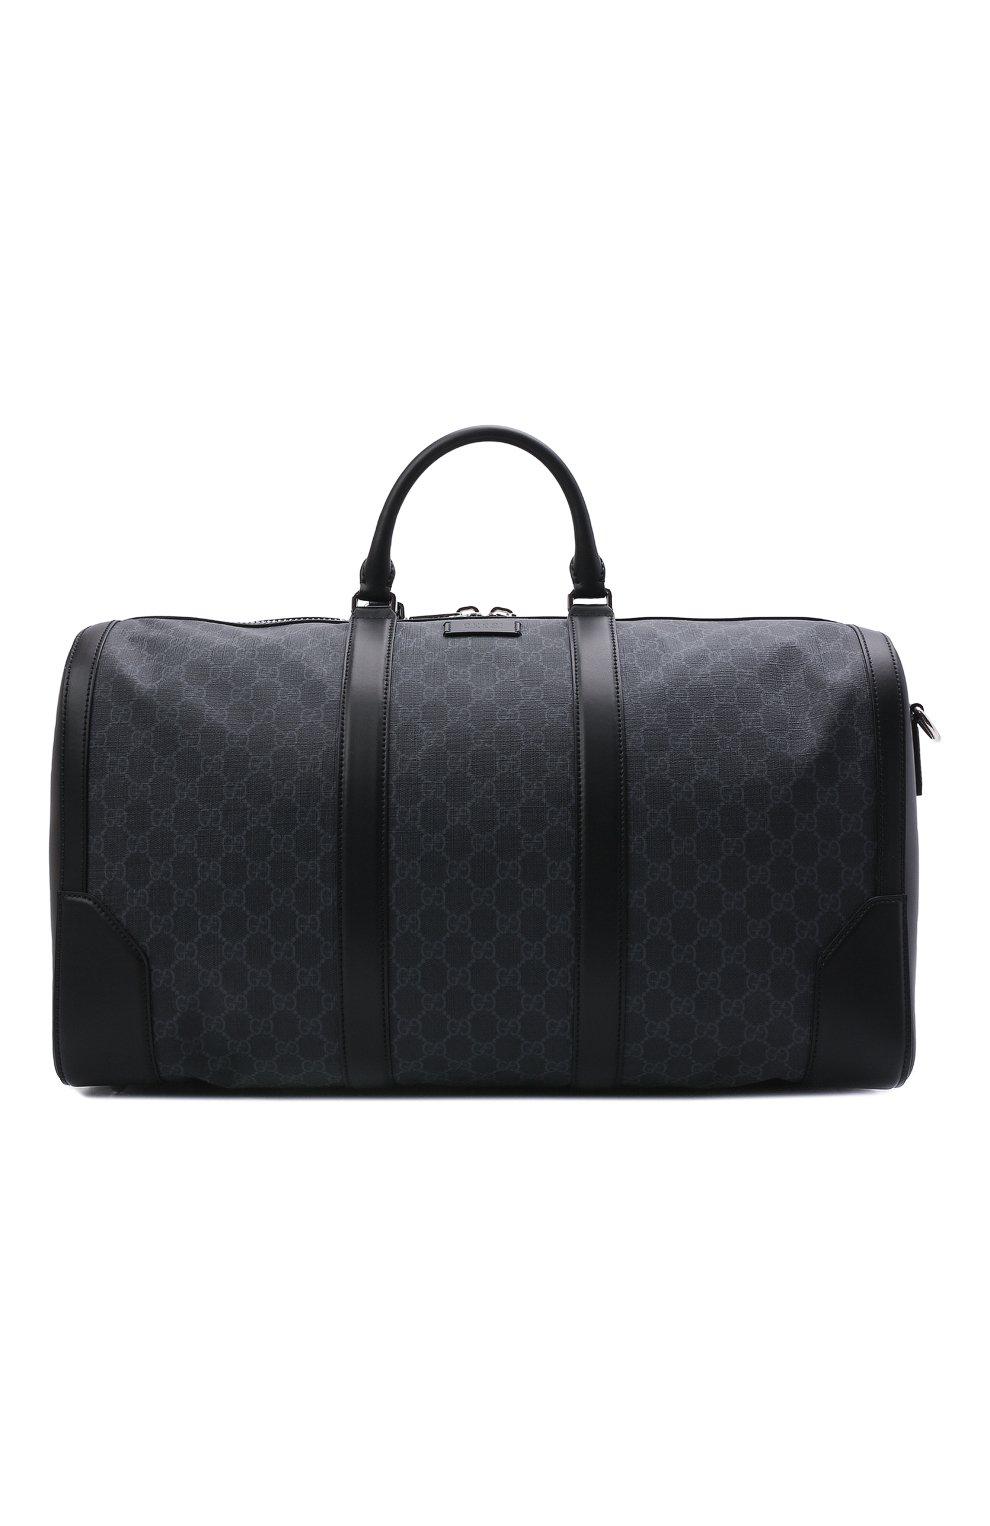 8df821ae87ee Мужская черная дорожная сумка gg supreme с плечевым ремнем GUCCI ...